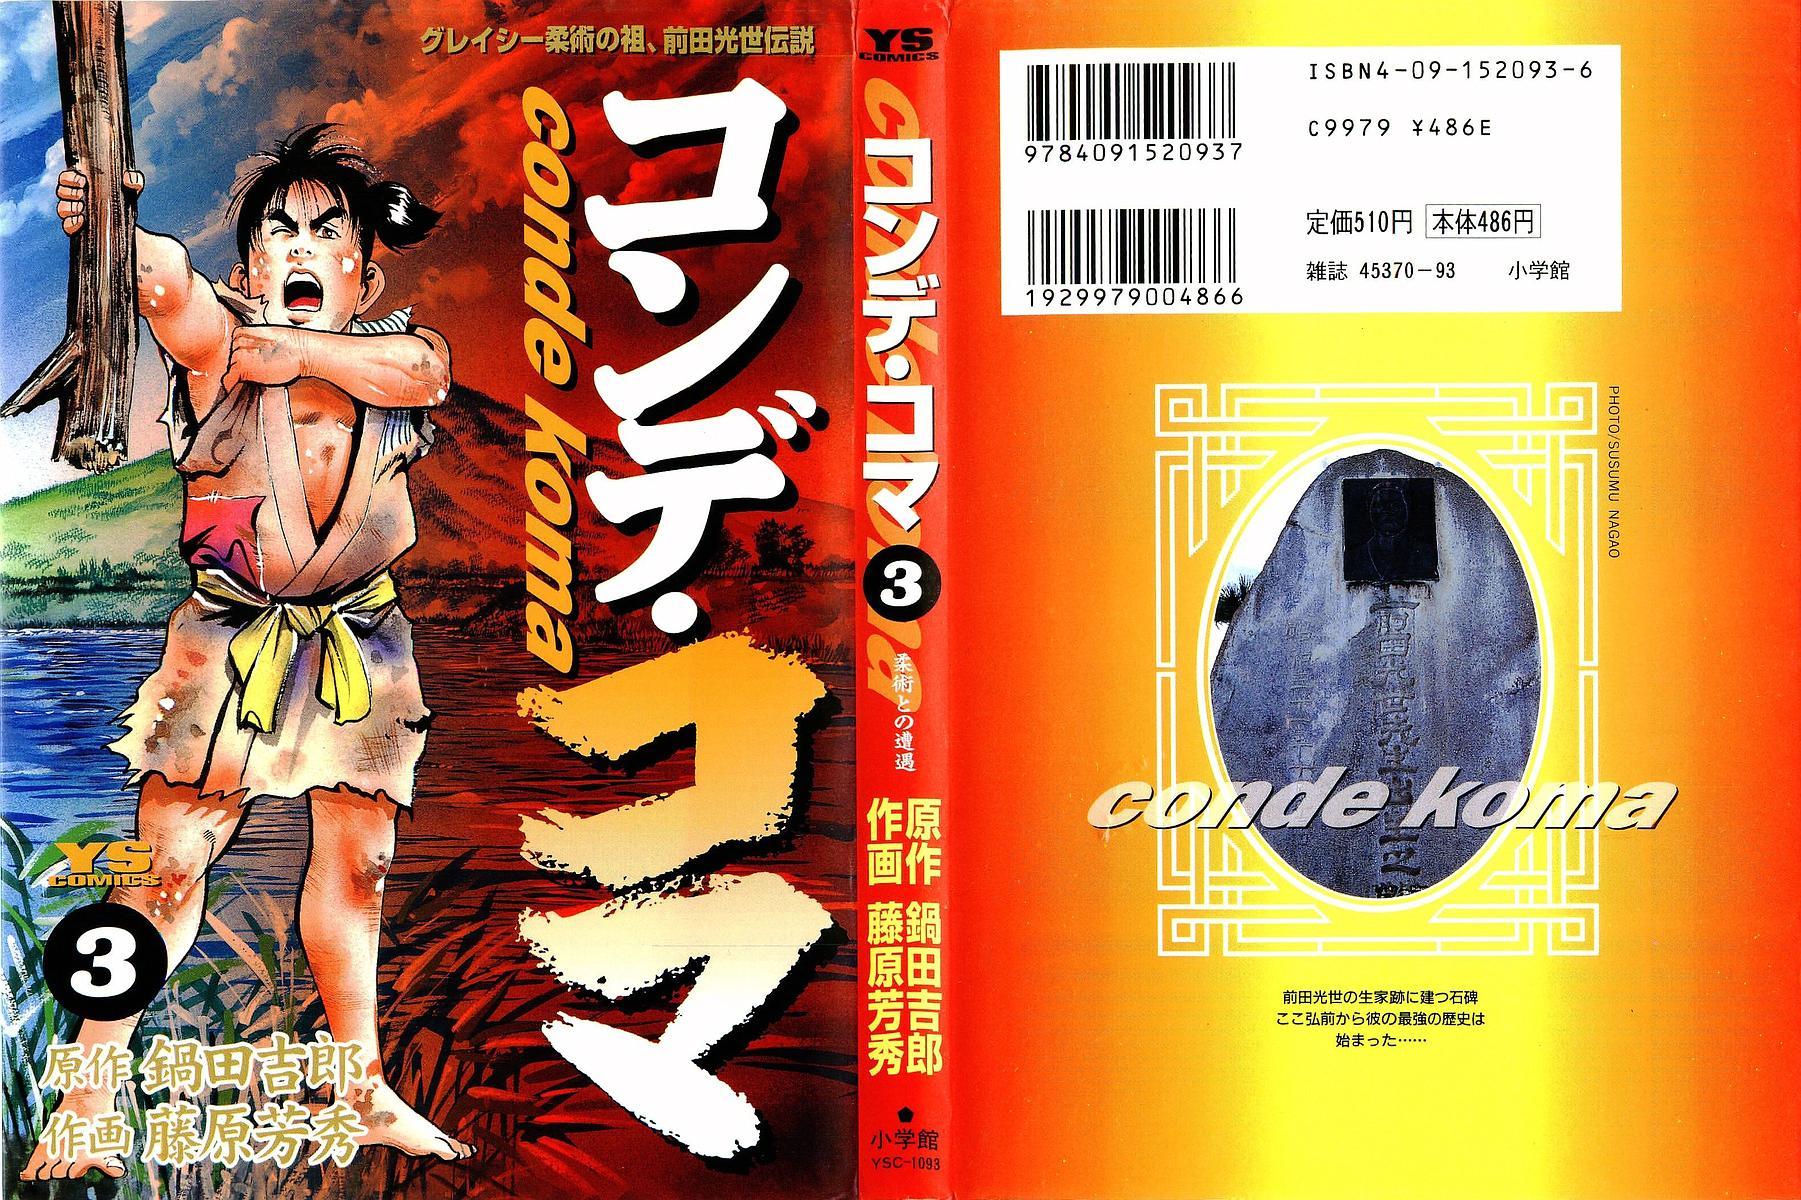 Conde koma trang 5